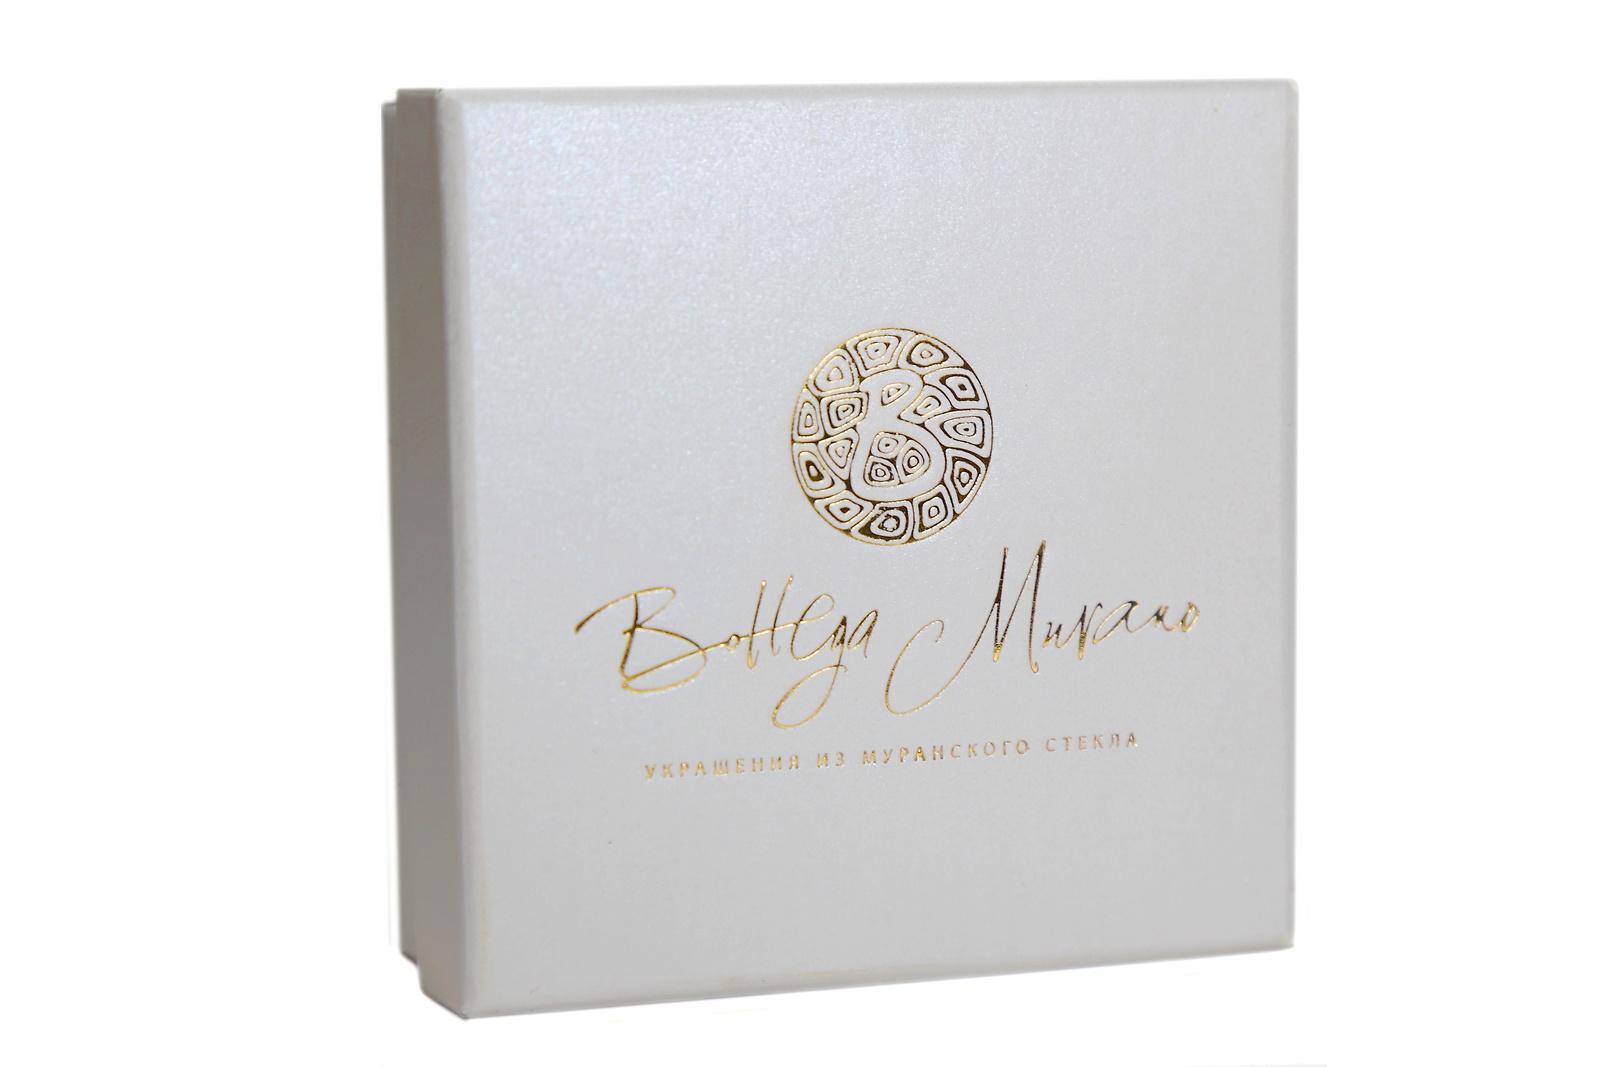 Комплект бижутерии Bottega Murano, Bottega Murano (5538)